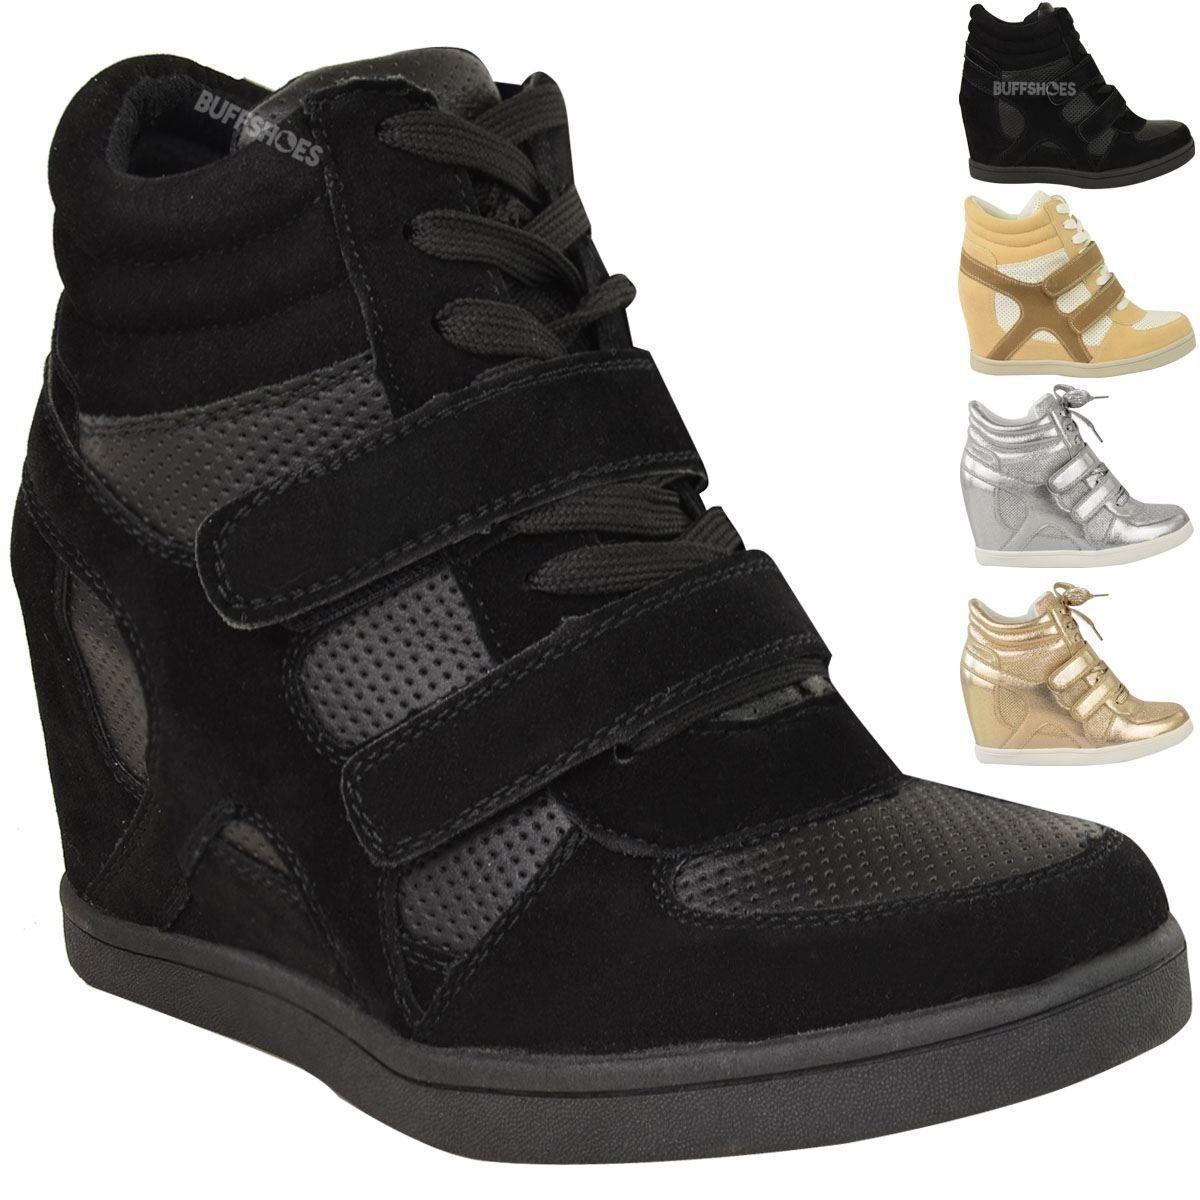 neu damen frauen hi top keilturnschuhe turnschuhe pumps sport ankle boots gr e ebay. Black Bedroom Furniture Sets. Home Design Ideas